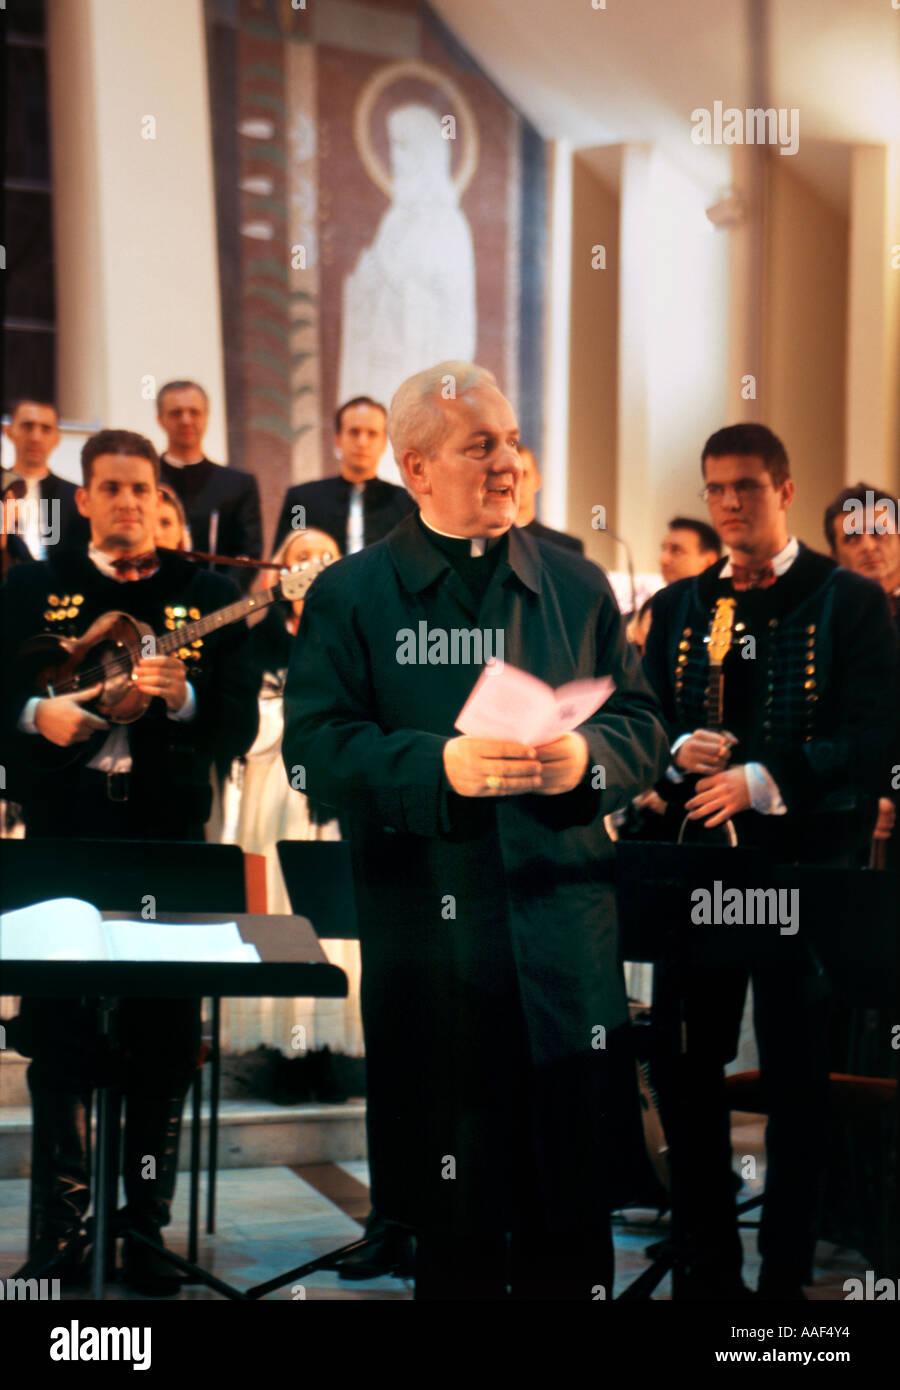 Nominado al Premio Nobel de la paz Franjo Komarica, obispo de Banja Luka, Bosnia y Herzegovina, en el concierto de Navidad de diciembre de 2005 en Banja Luka Imagen De Stock